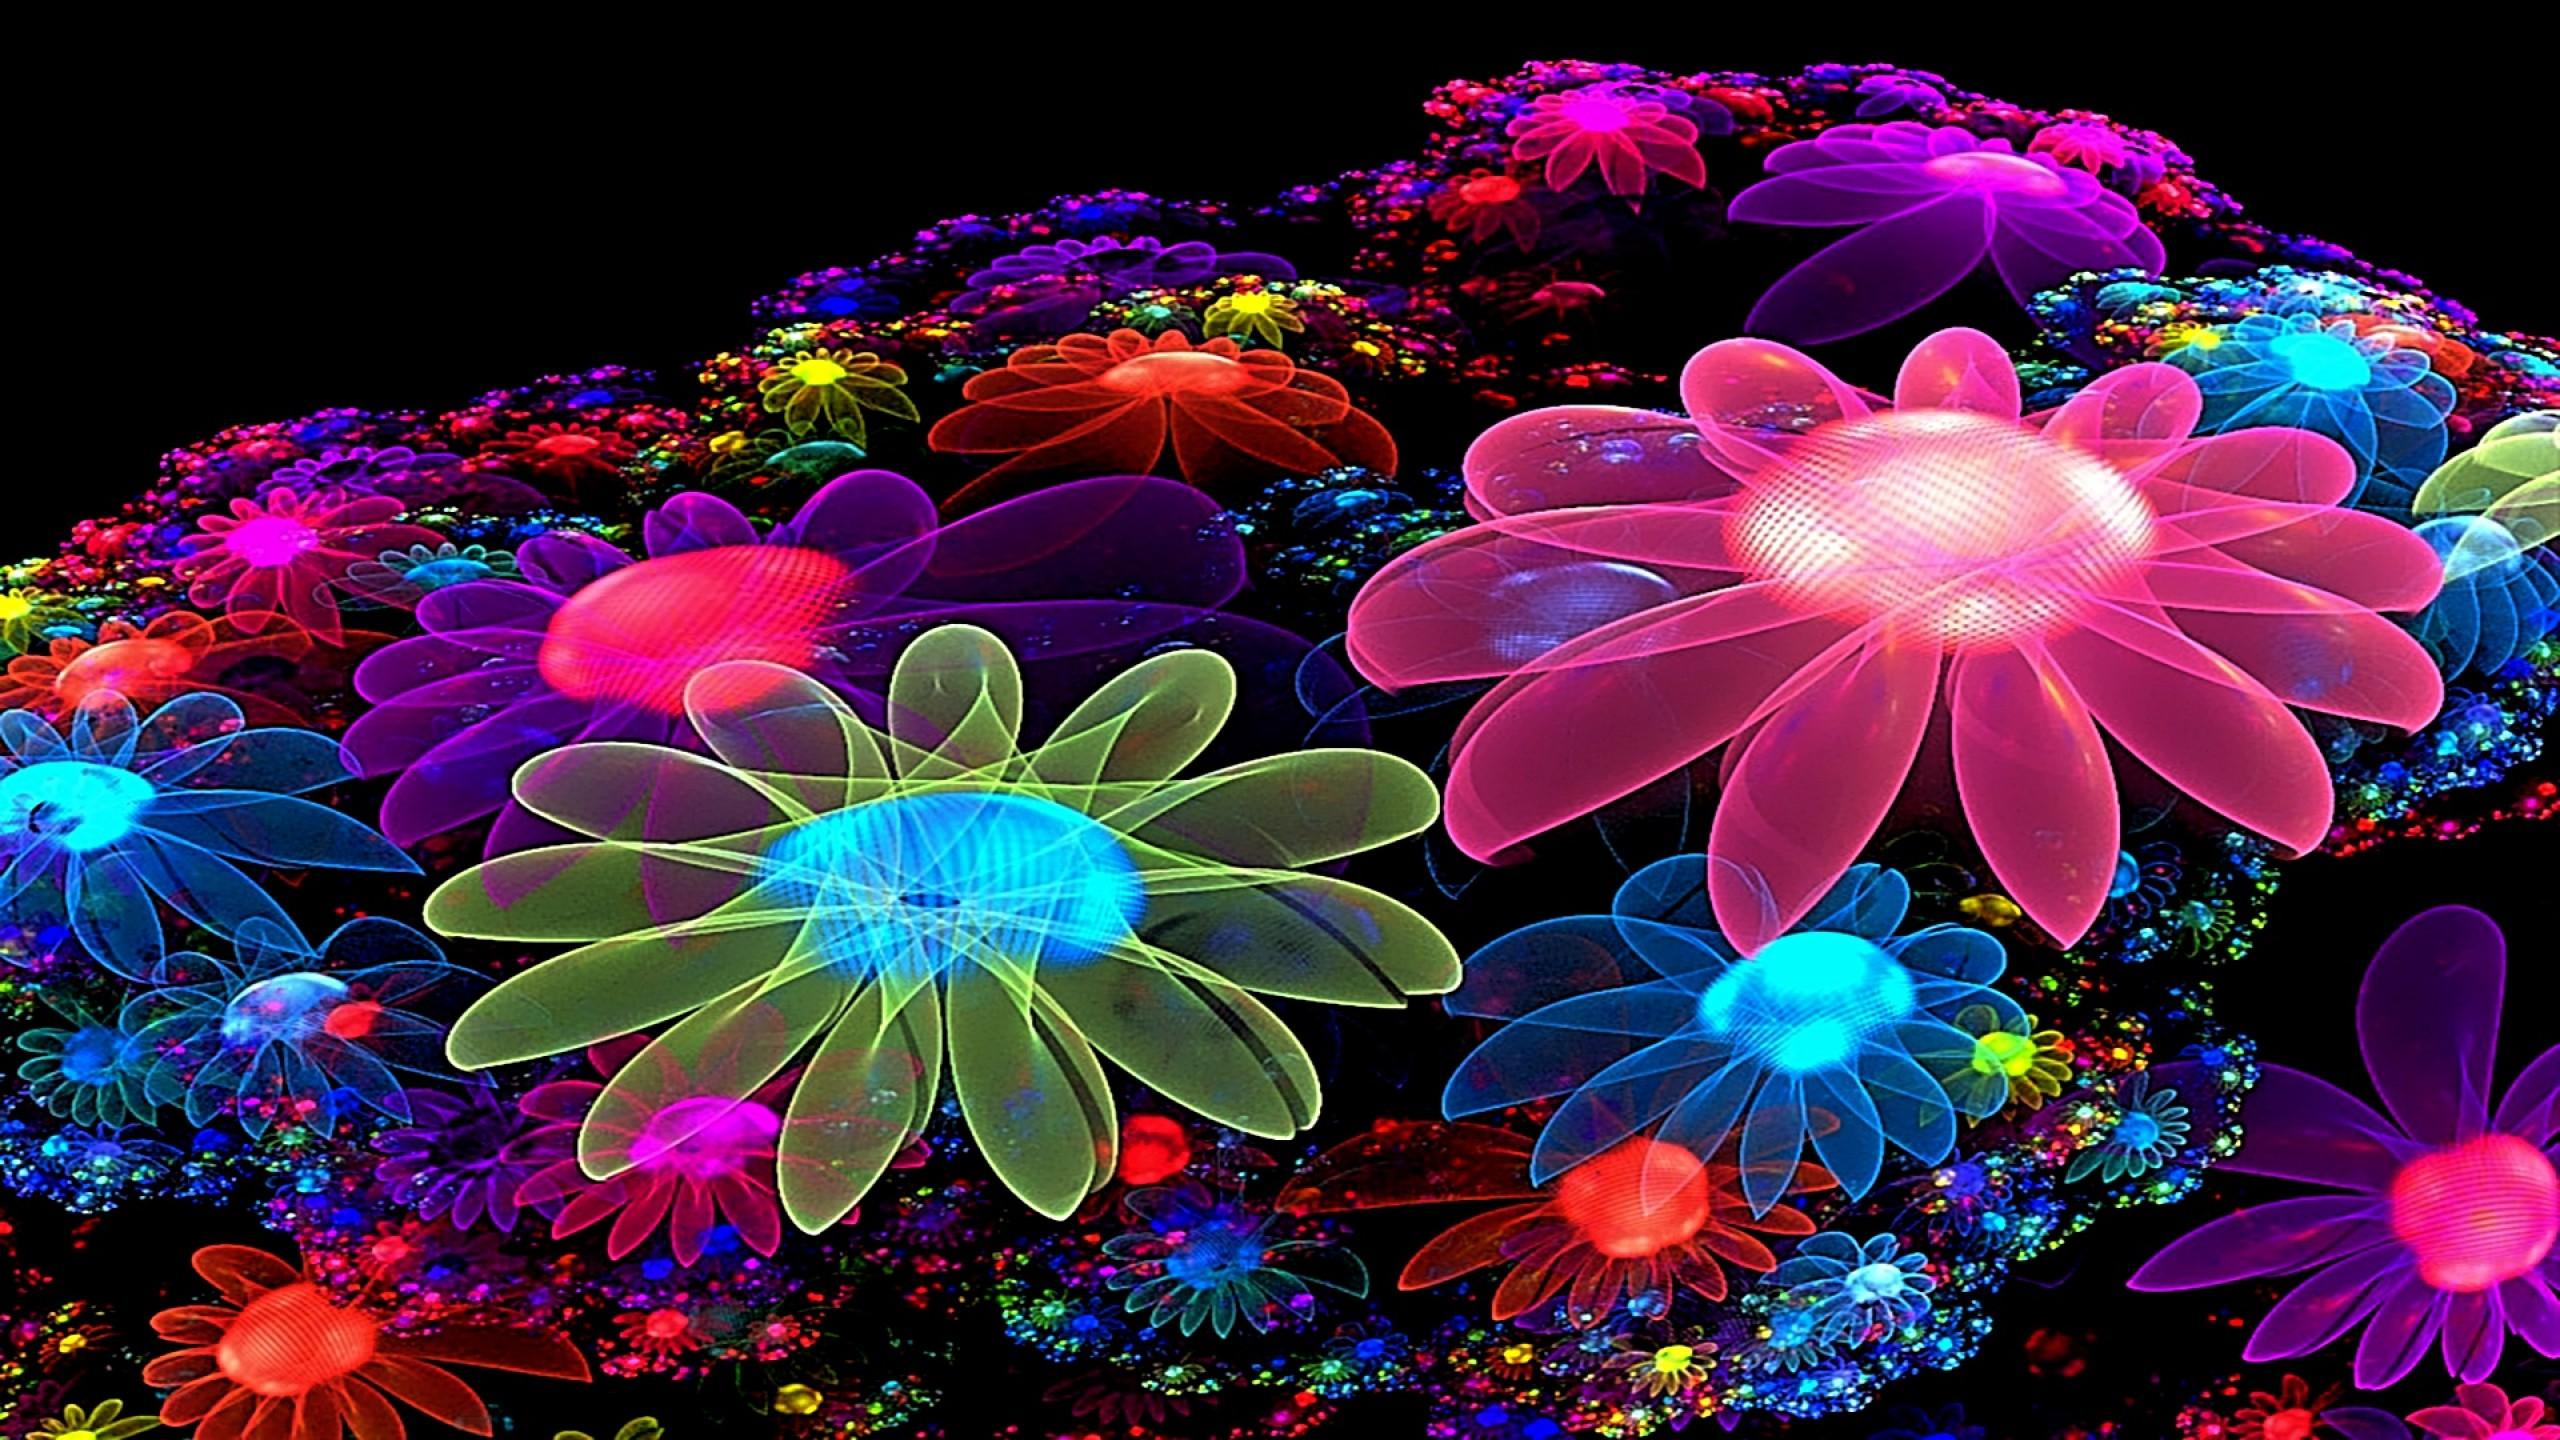 [46+] Glowing Flower Wallpapers on WallpaperSafari